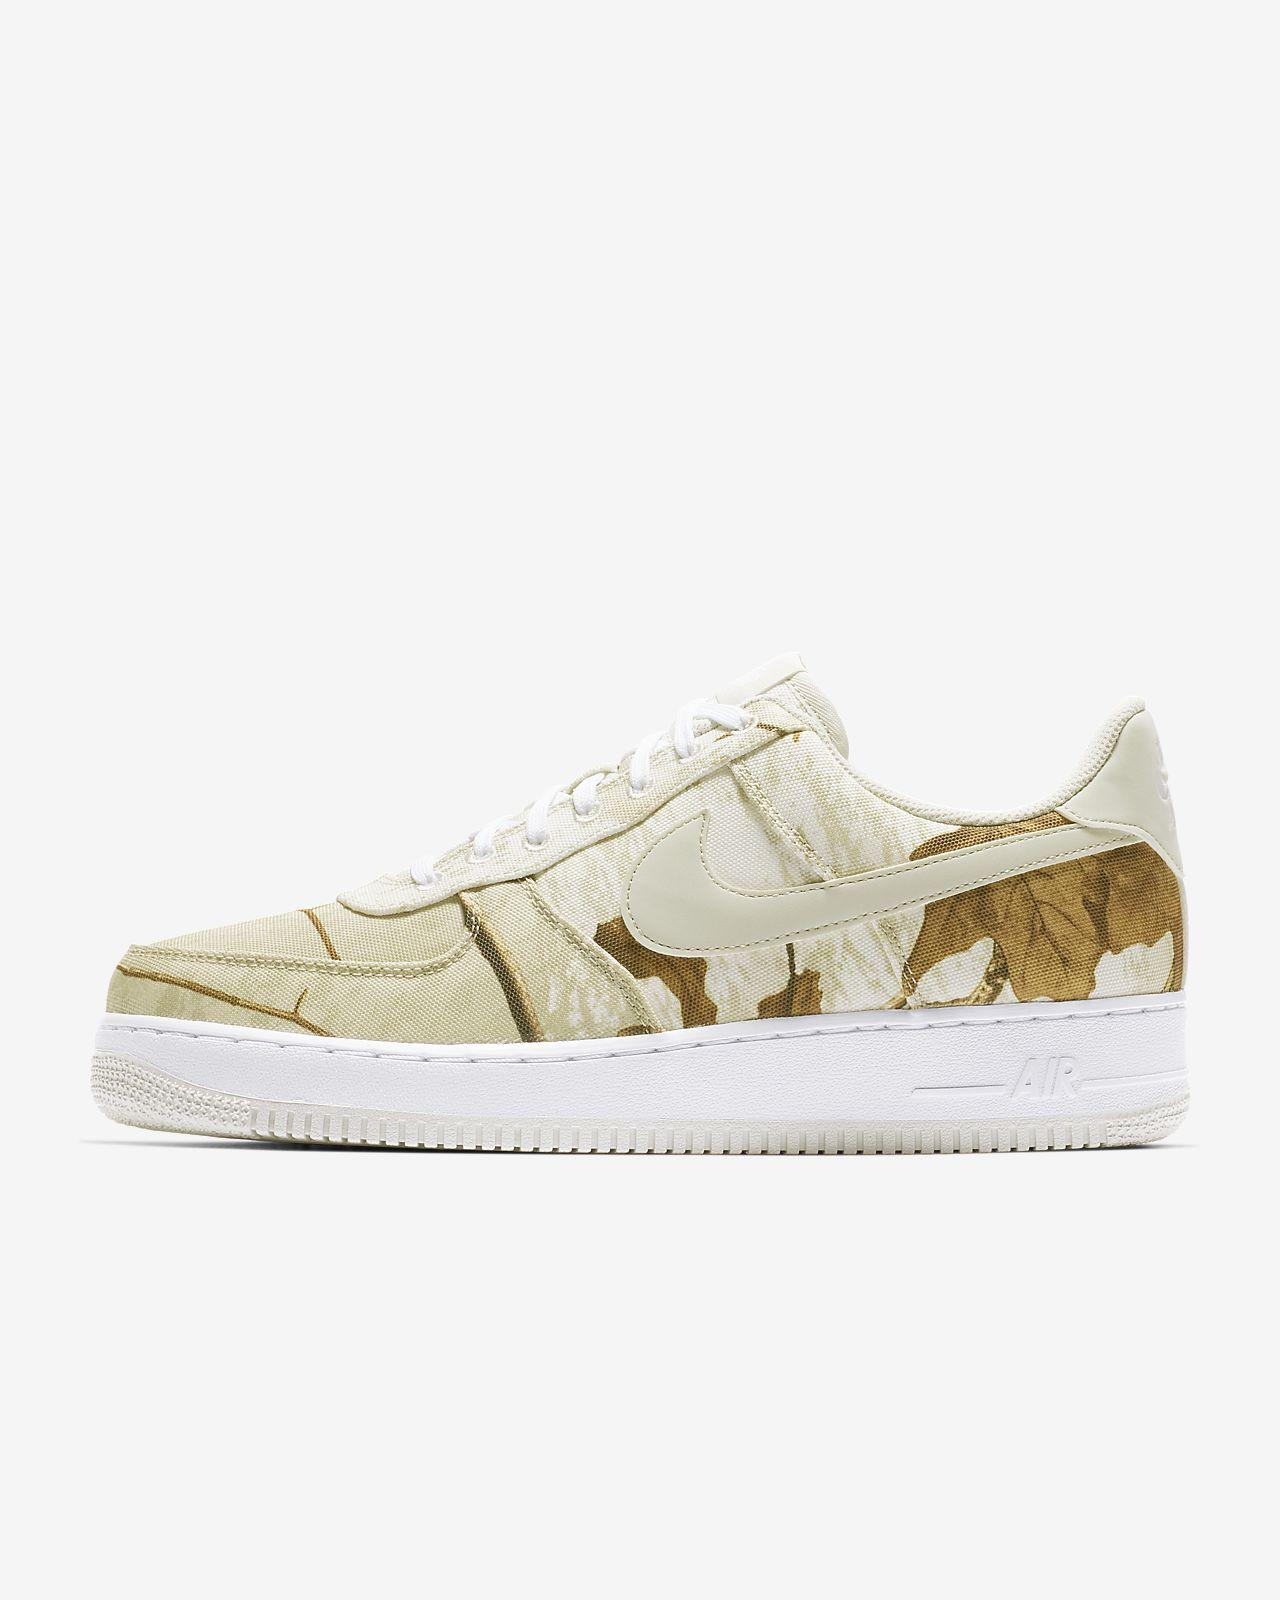 Nike Air Force 1 '07 LV8 3 Realtree® férficipő